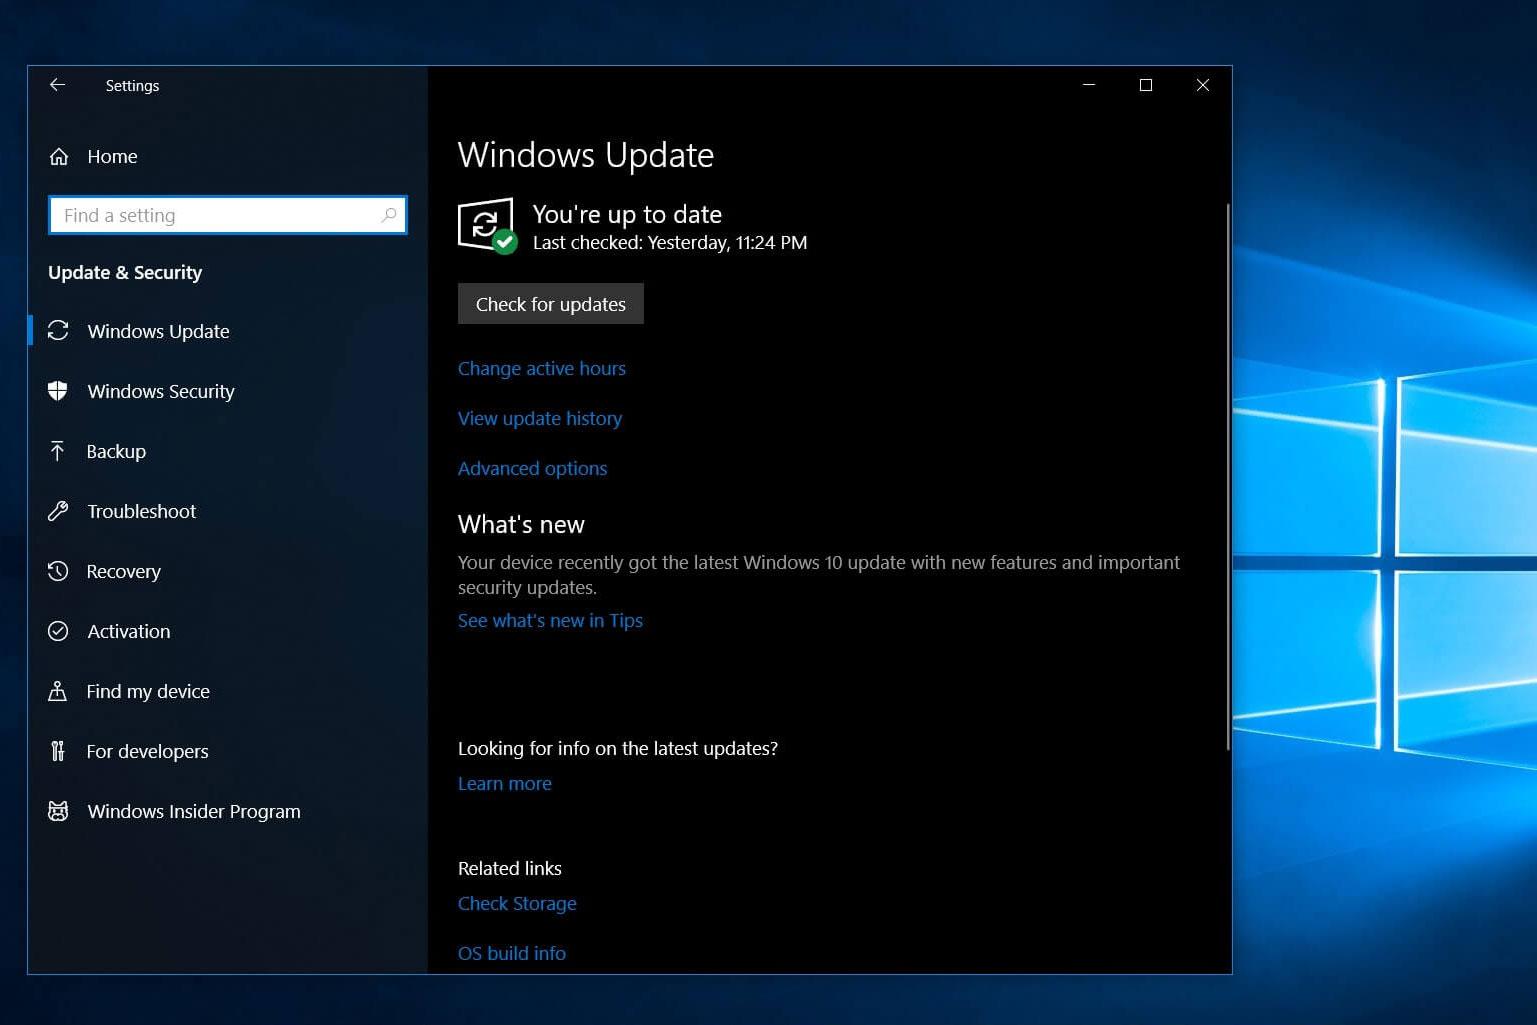 英特尔为windows 10更新wi-fi和蓝牙驱动程序